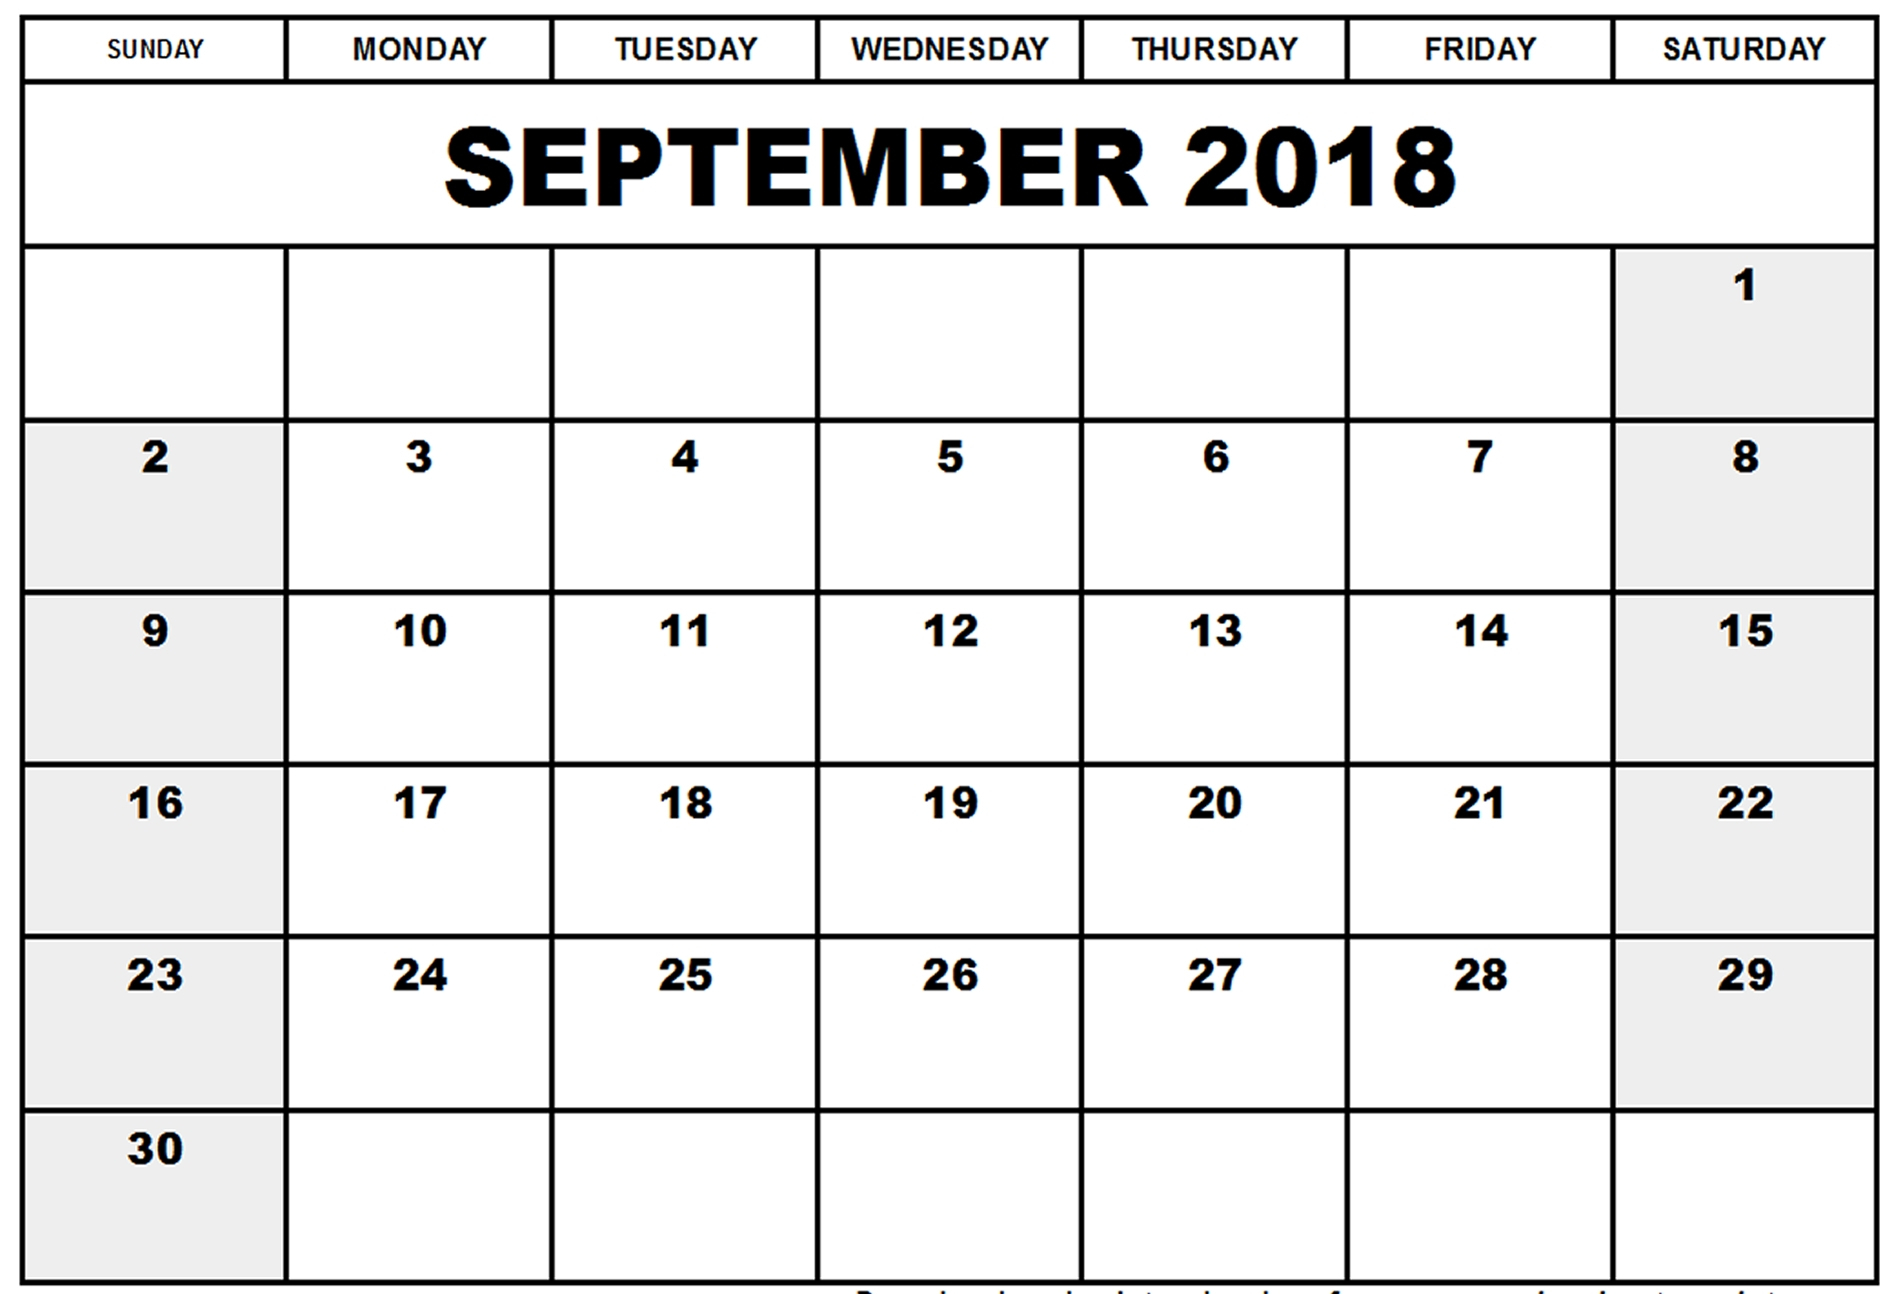 September Calendar 2018 Blank intended for Printable Blank Calendar Pages For September